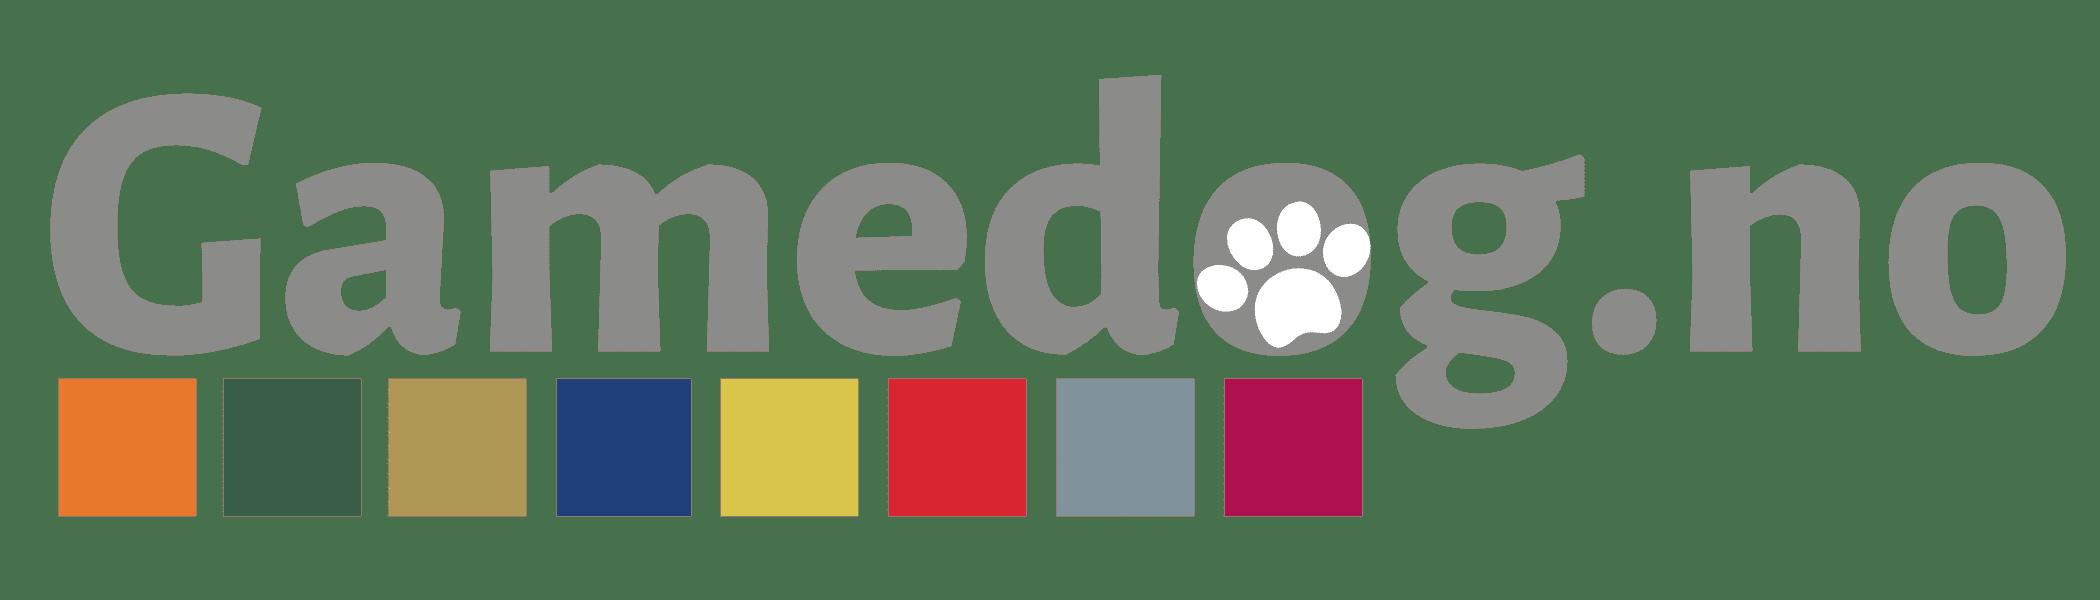 Gamedog Logo